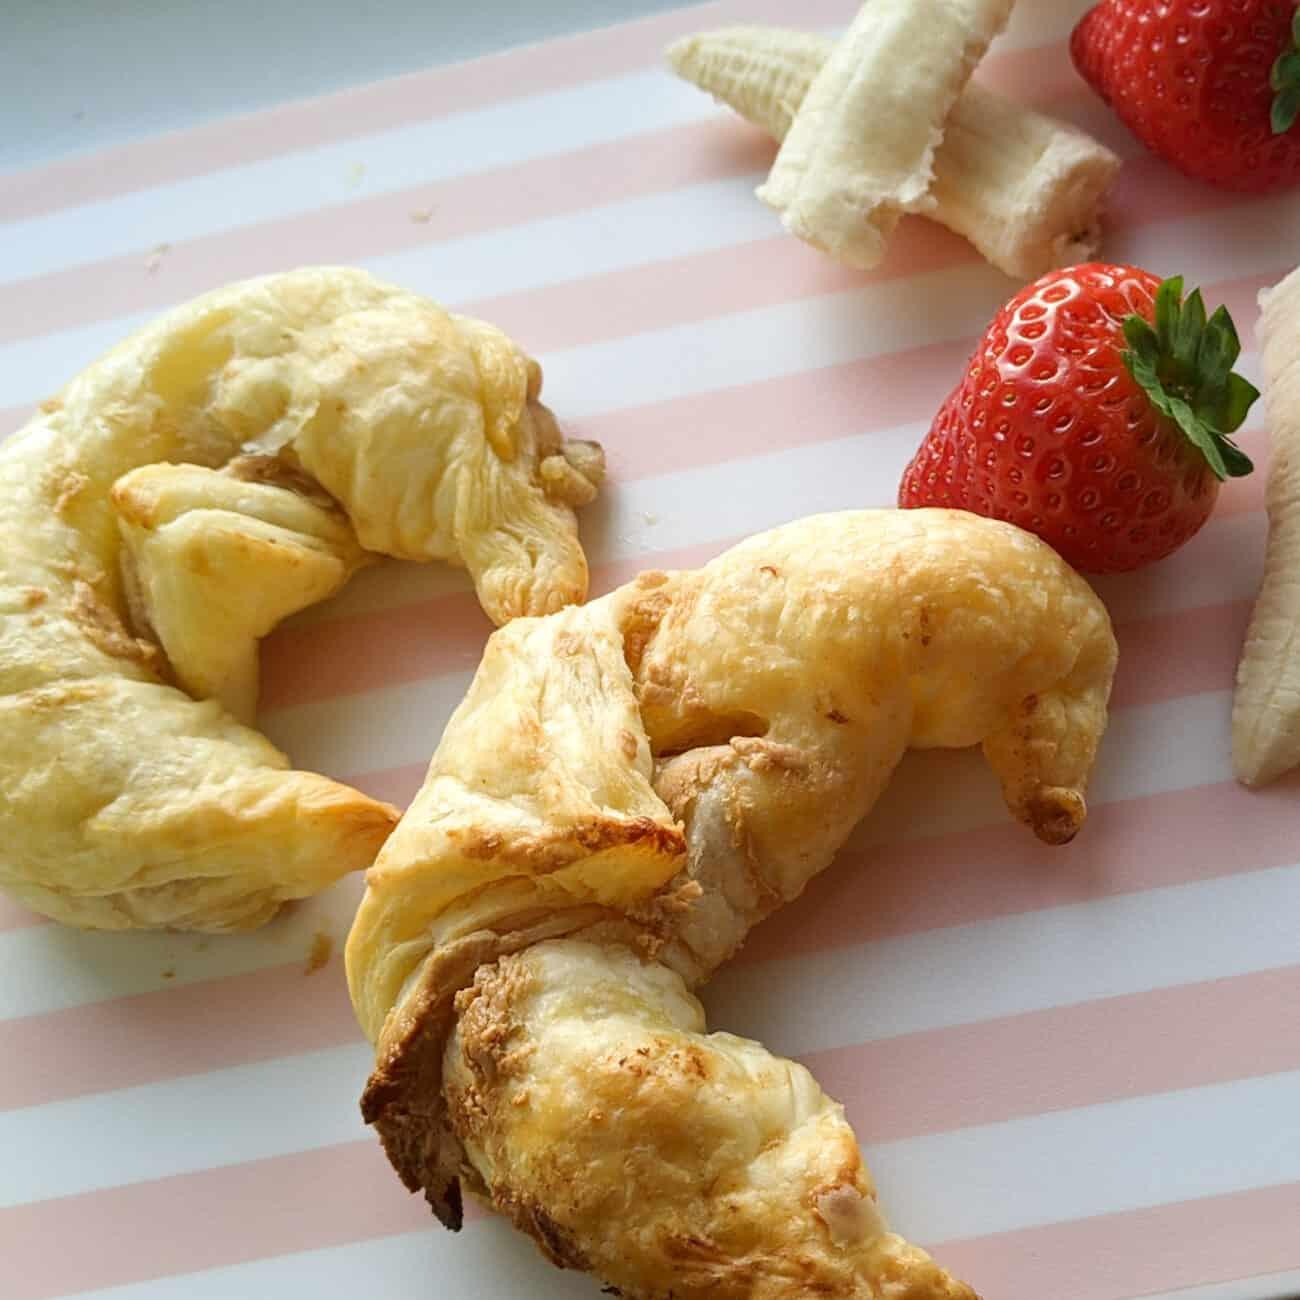 Peanut and Banana Croissants